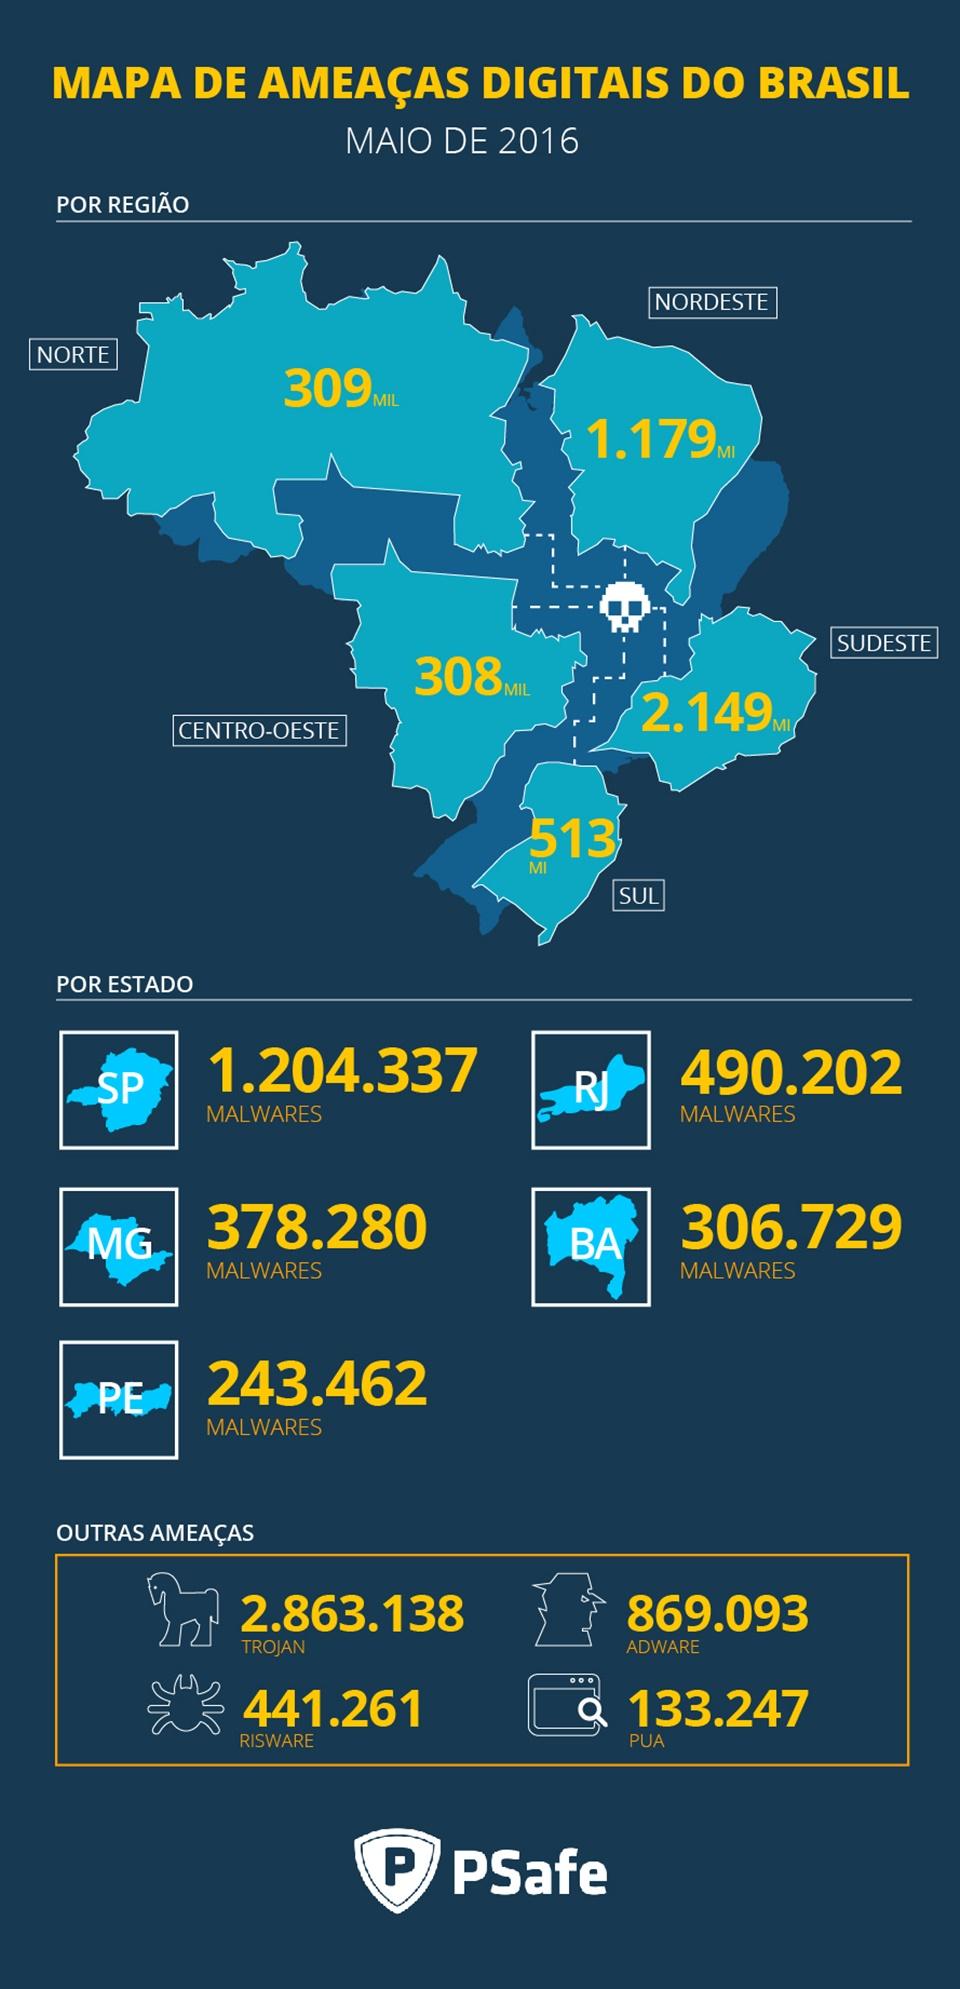 Sudeste é a região que mais sofre com malwares no Brasil